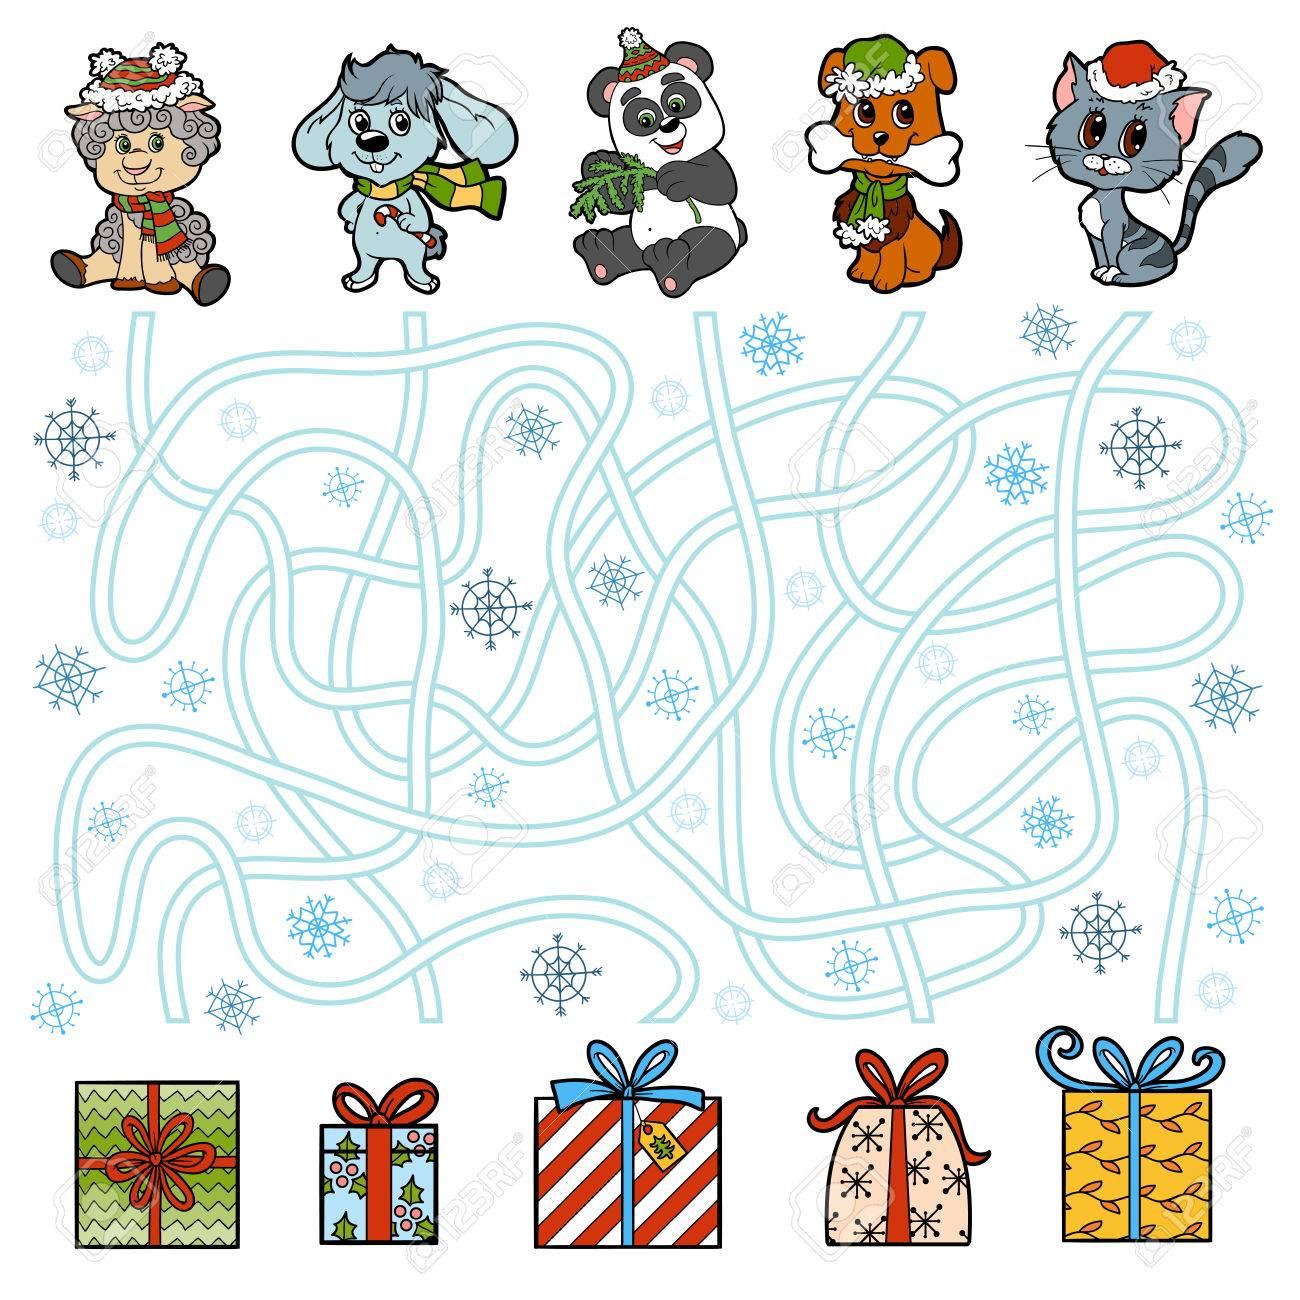 Regalos Para Ninos Pequenos.Juego De Laberinto Educacion Para Los Ninos Pequenos Animales Y Los Regalos De Navidad